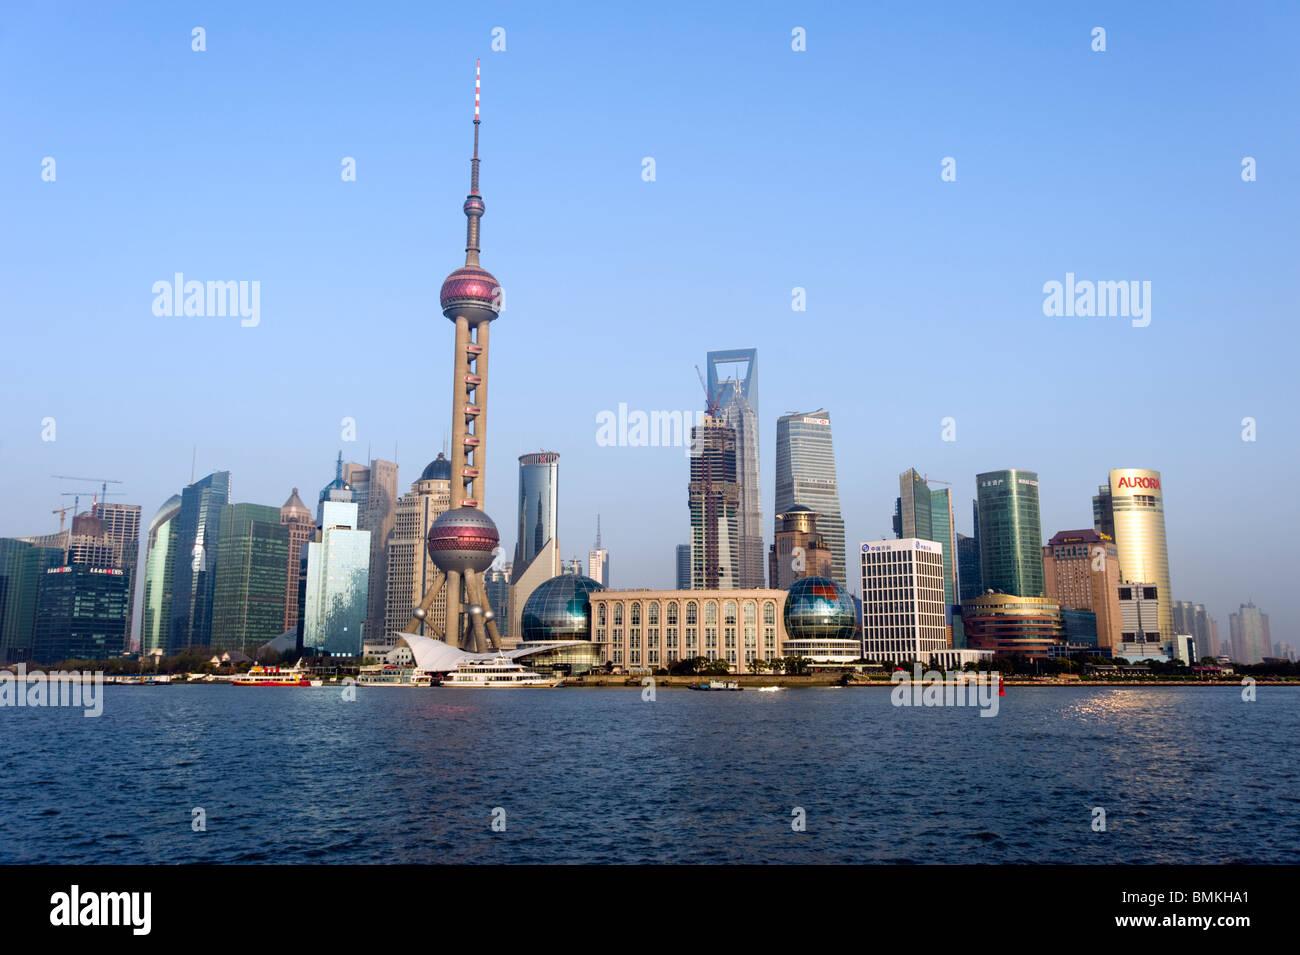 Vista sobre el río Huangpu River Waterfront y del horizonte de la ciudad de Shanghai, China Imagen De Stock